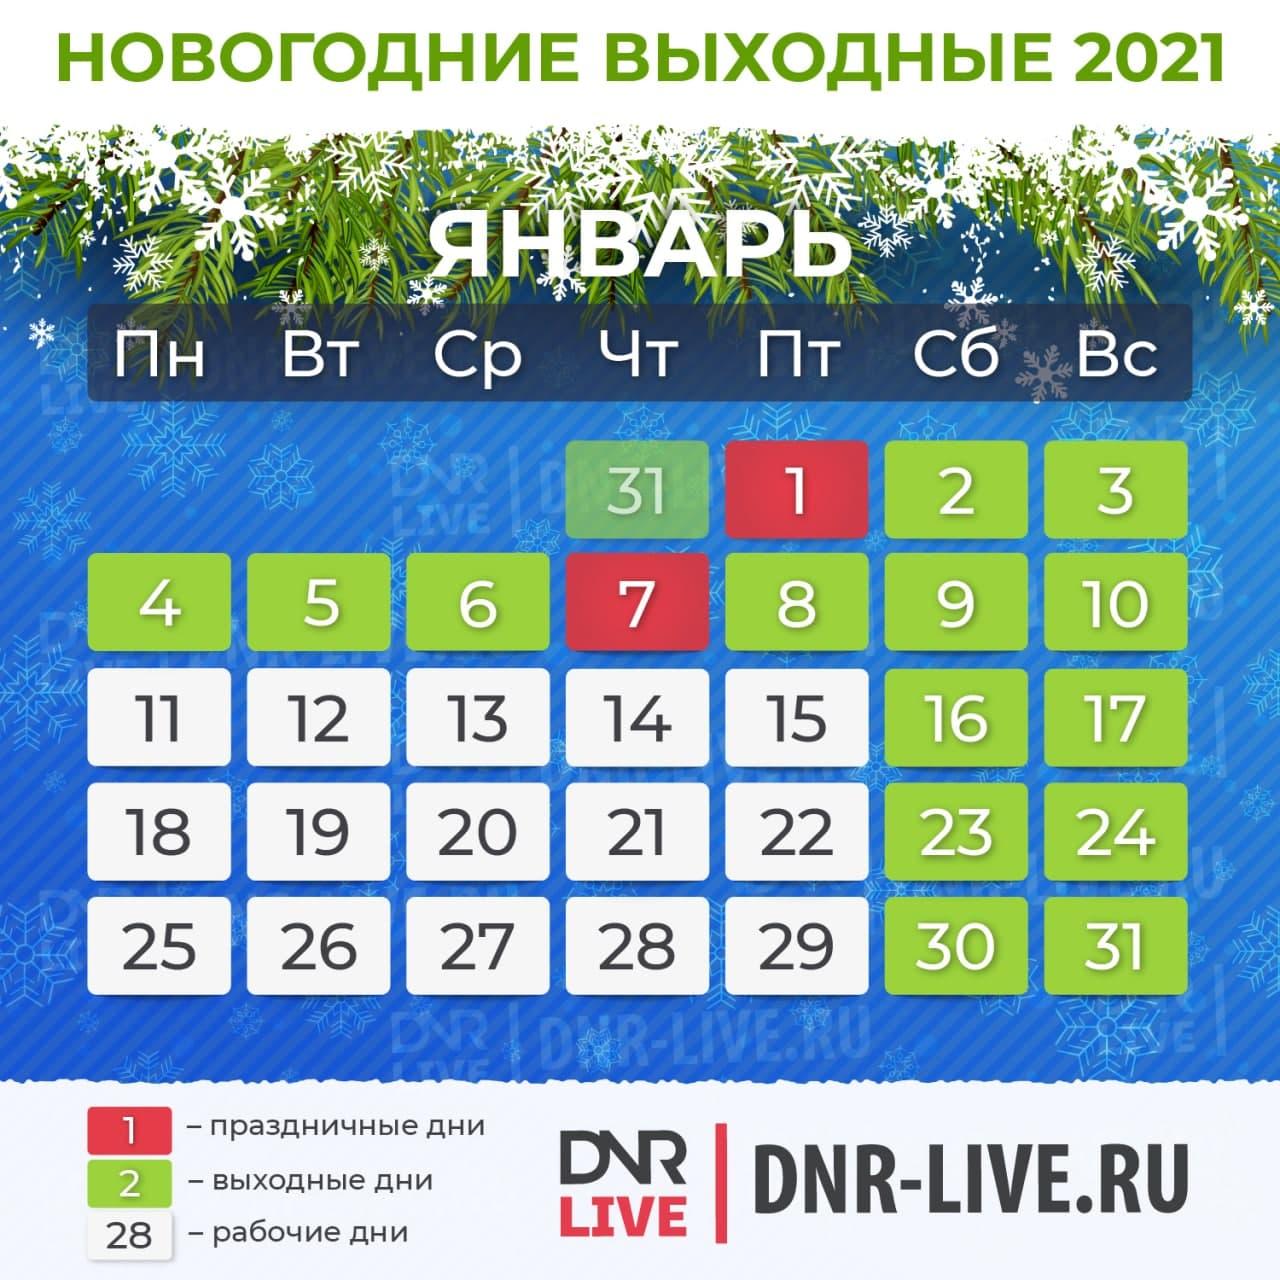 новогодние выходные 2021